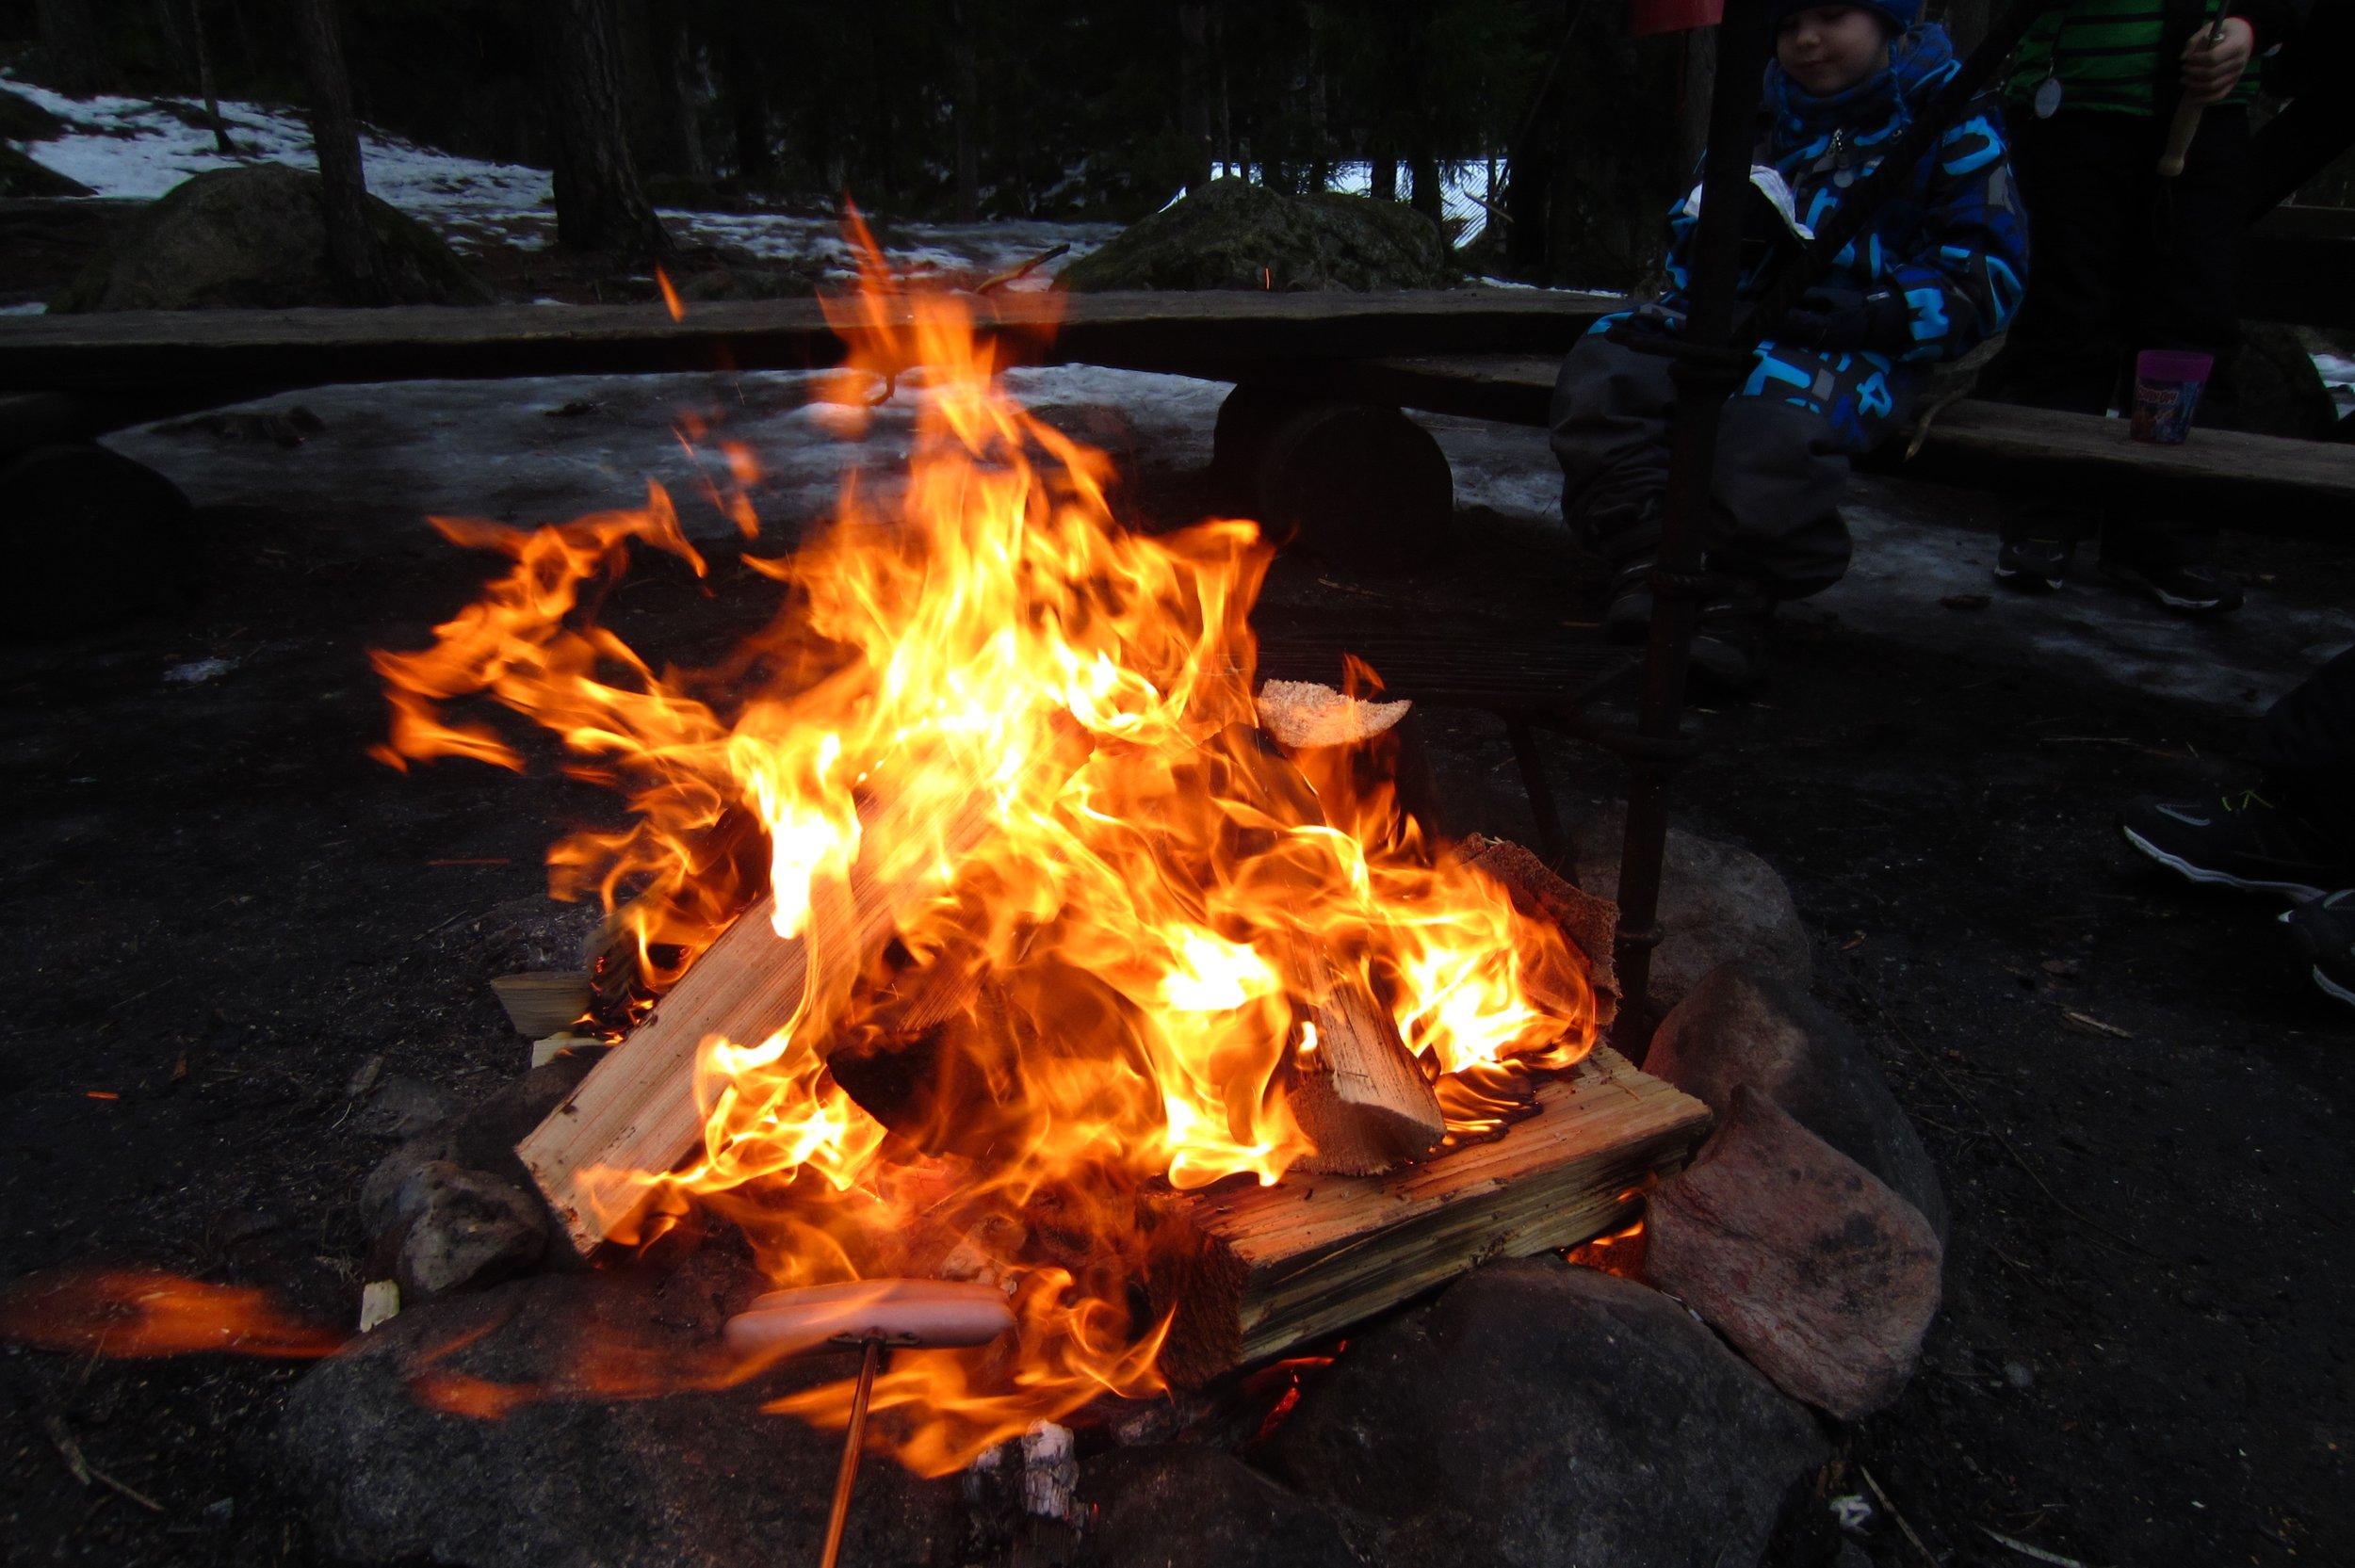 Camp fire private nature trip Helsinki